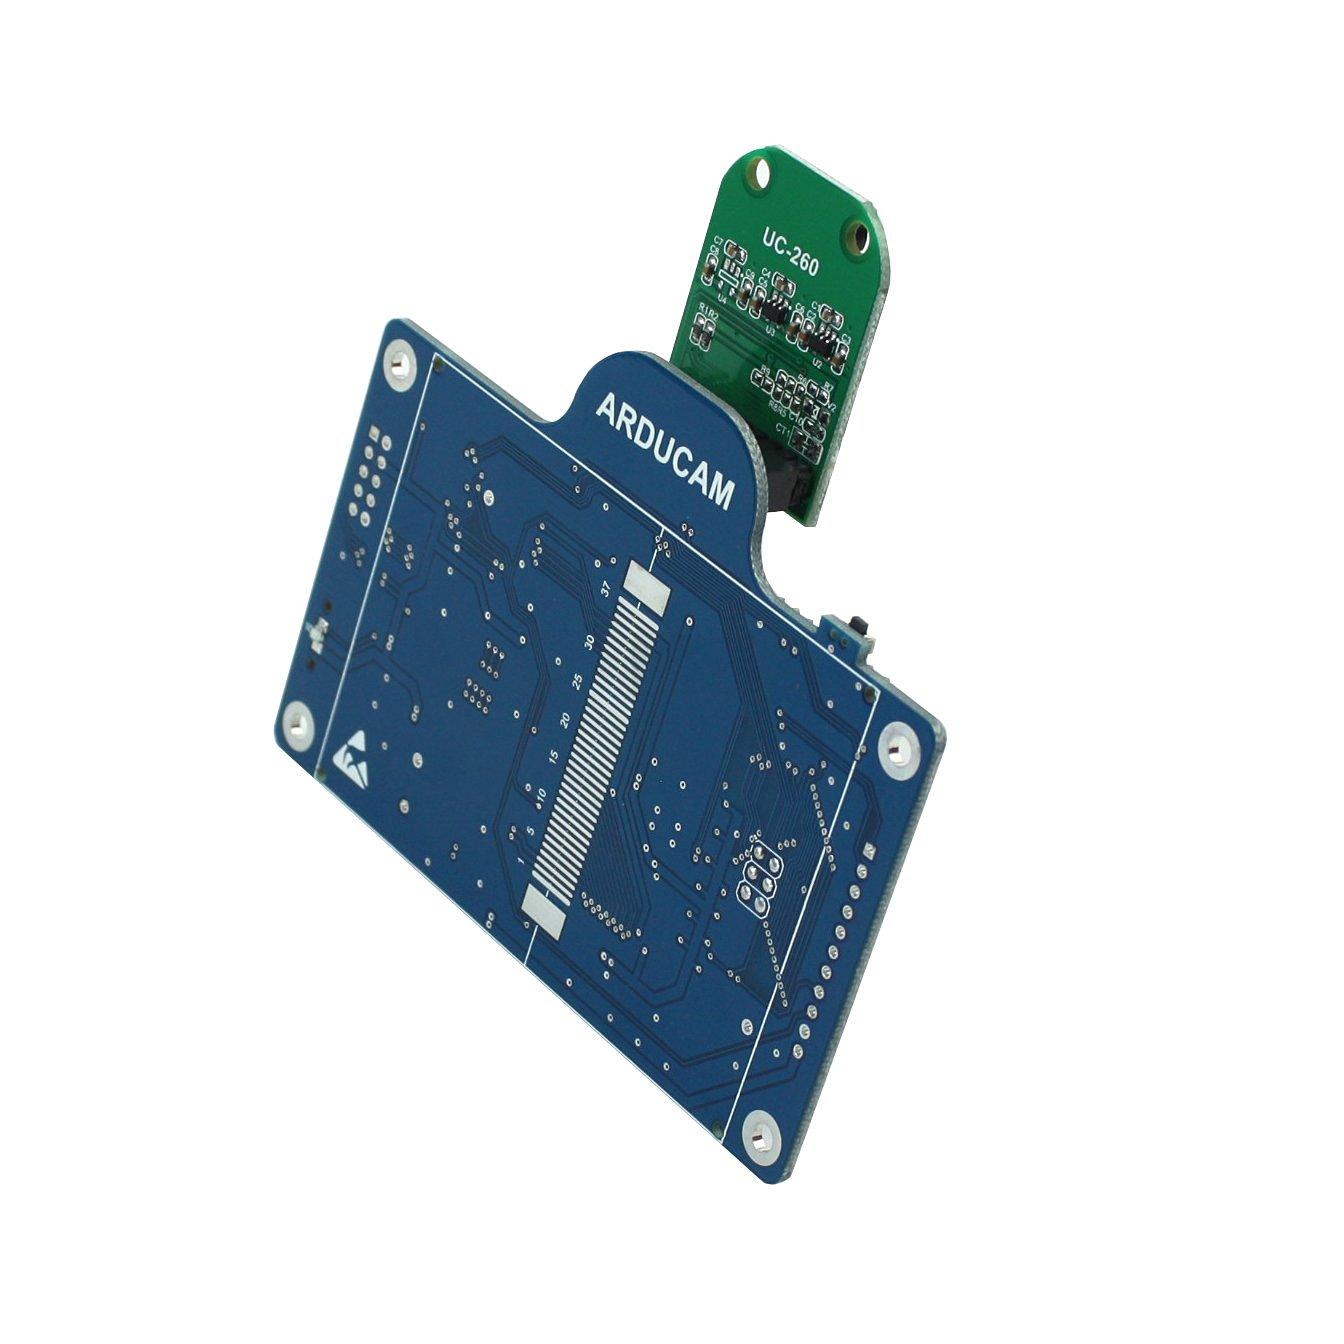 Arducam F Shield V2 + Camera Module Shield with OV2640 for Arduino UNO Mega2560 DUE